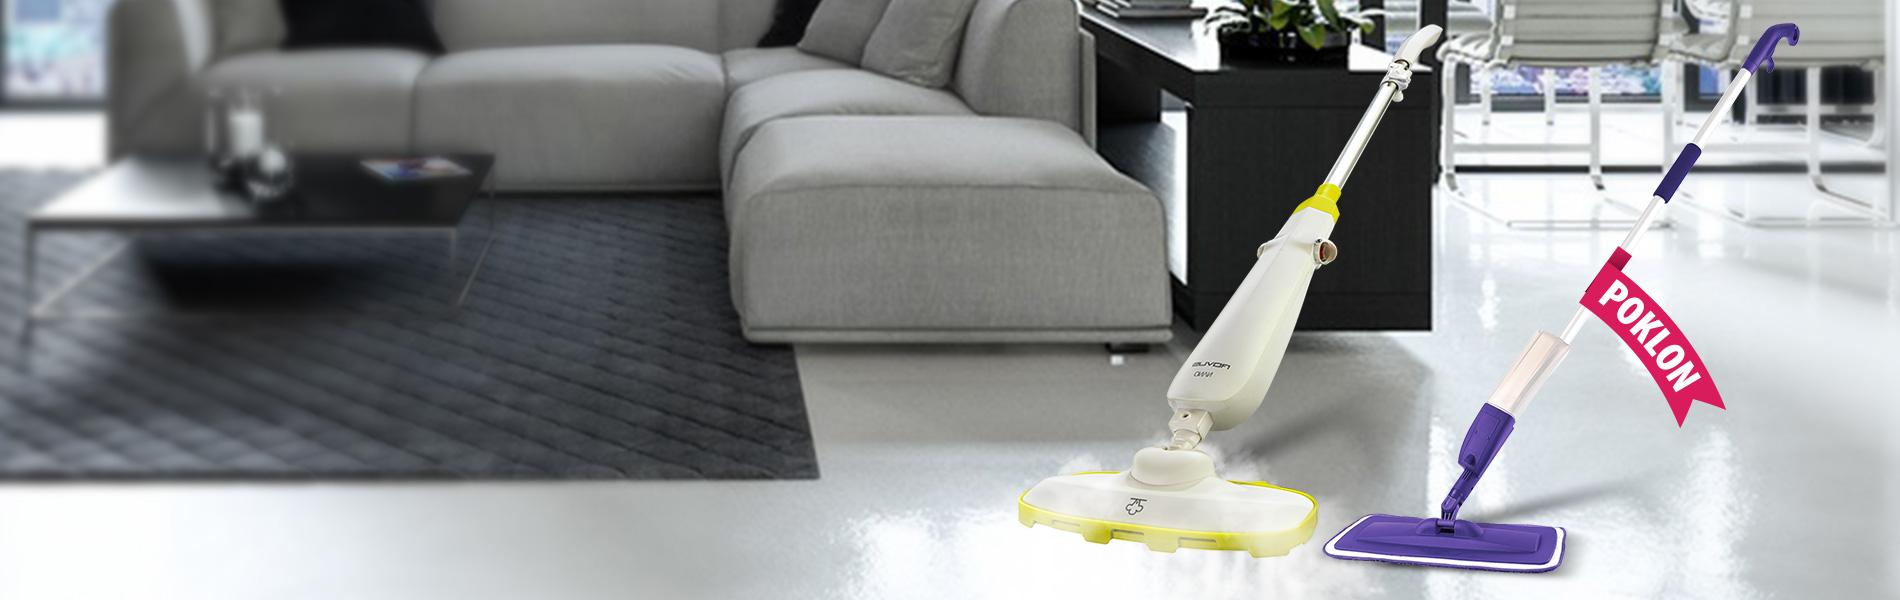 Nano paročistač + POKLON Spray Mop čistač podova